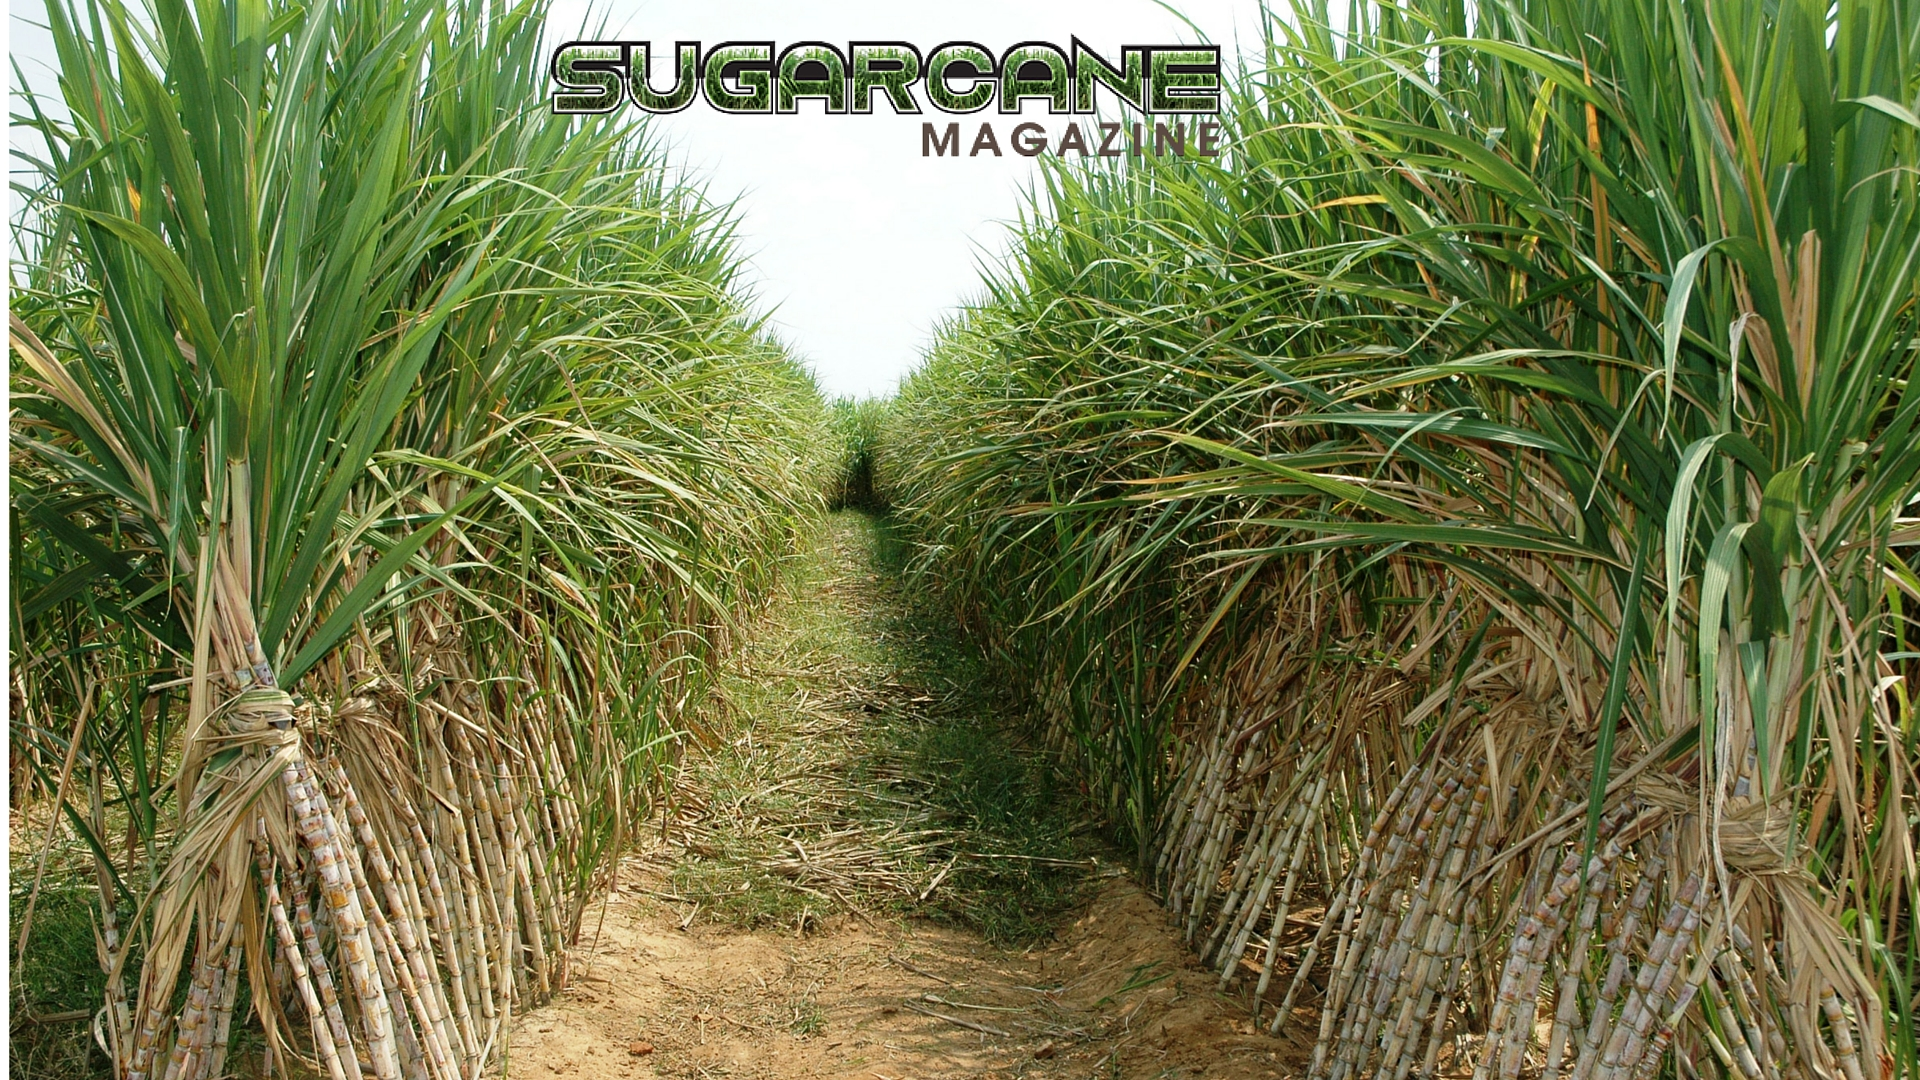 Sugarcane Magazine